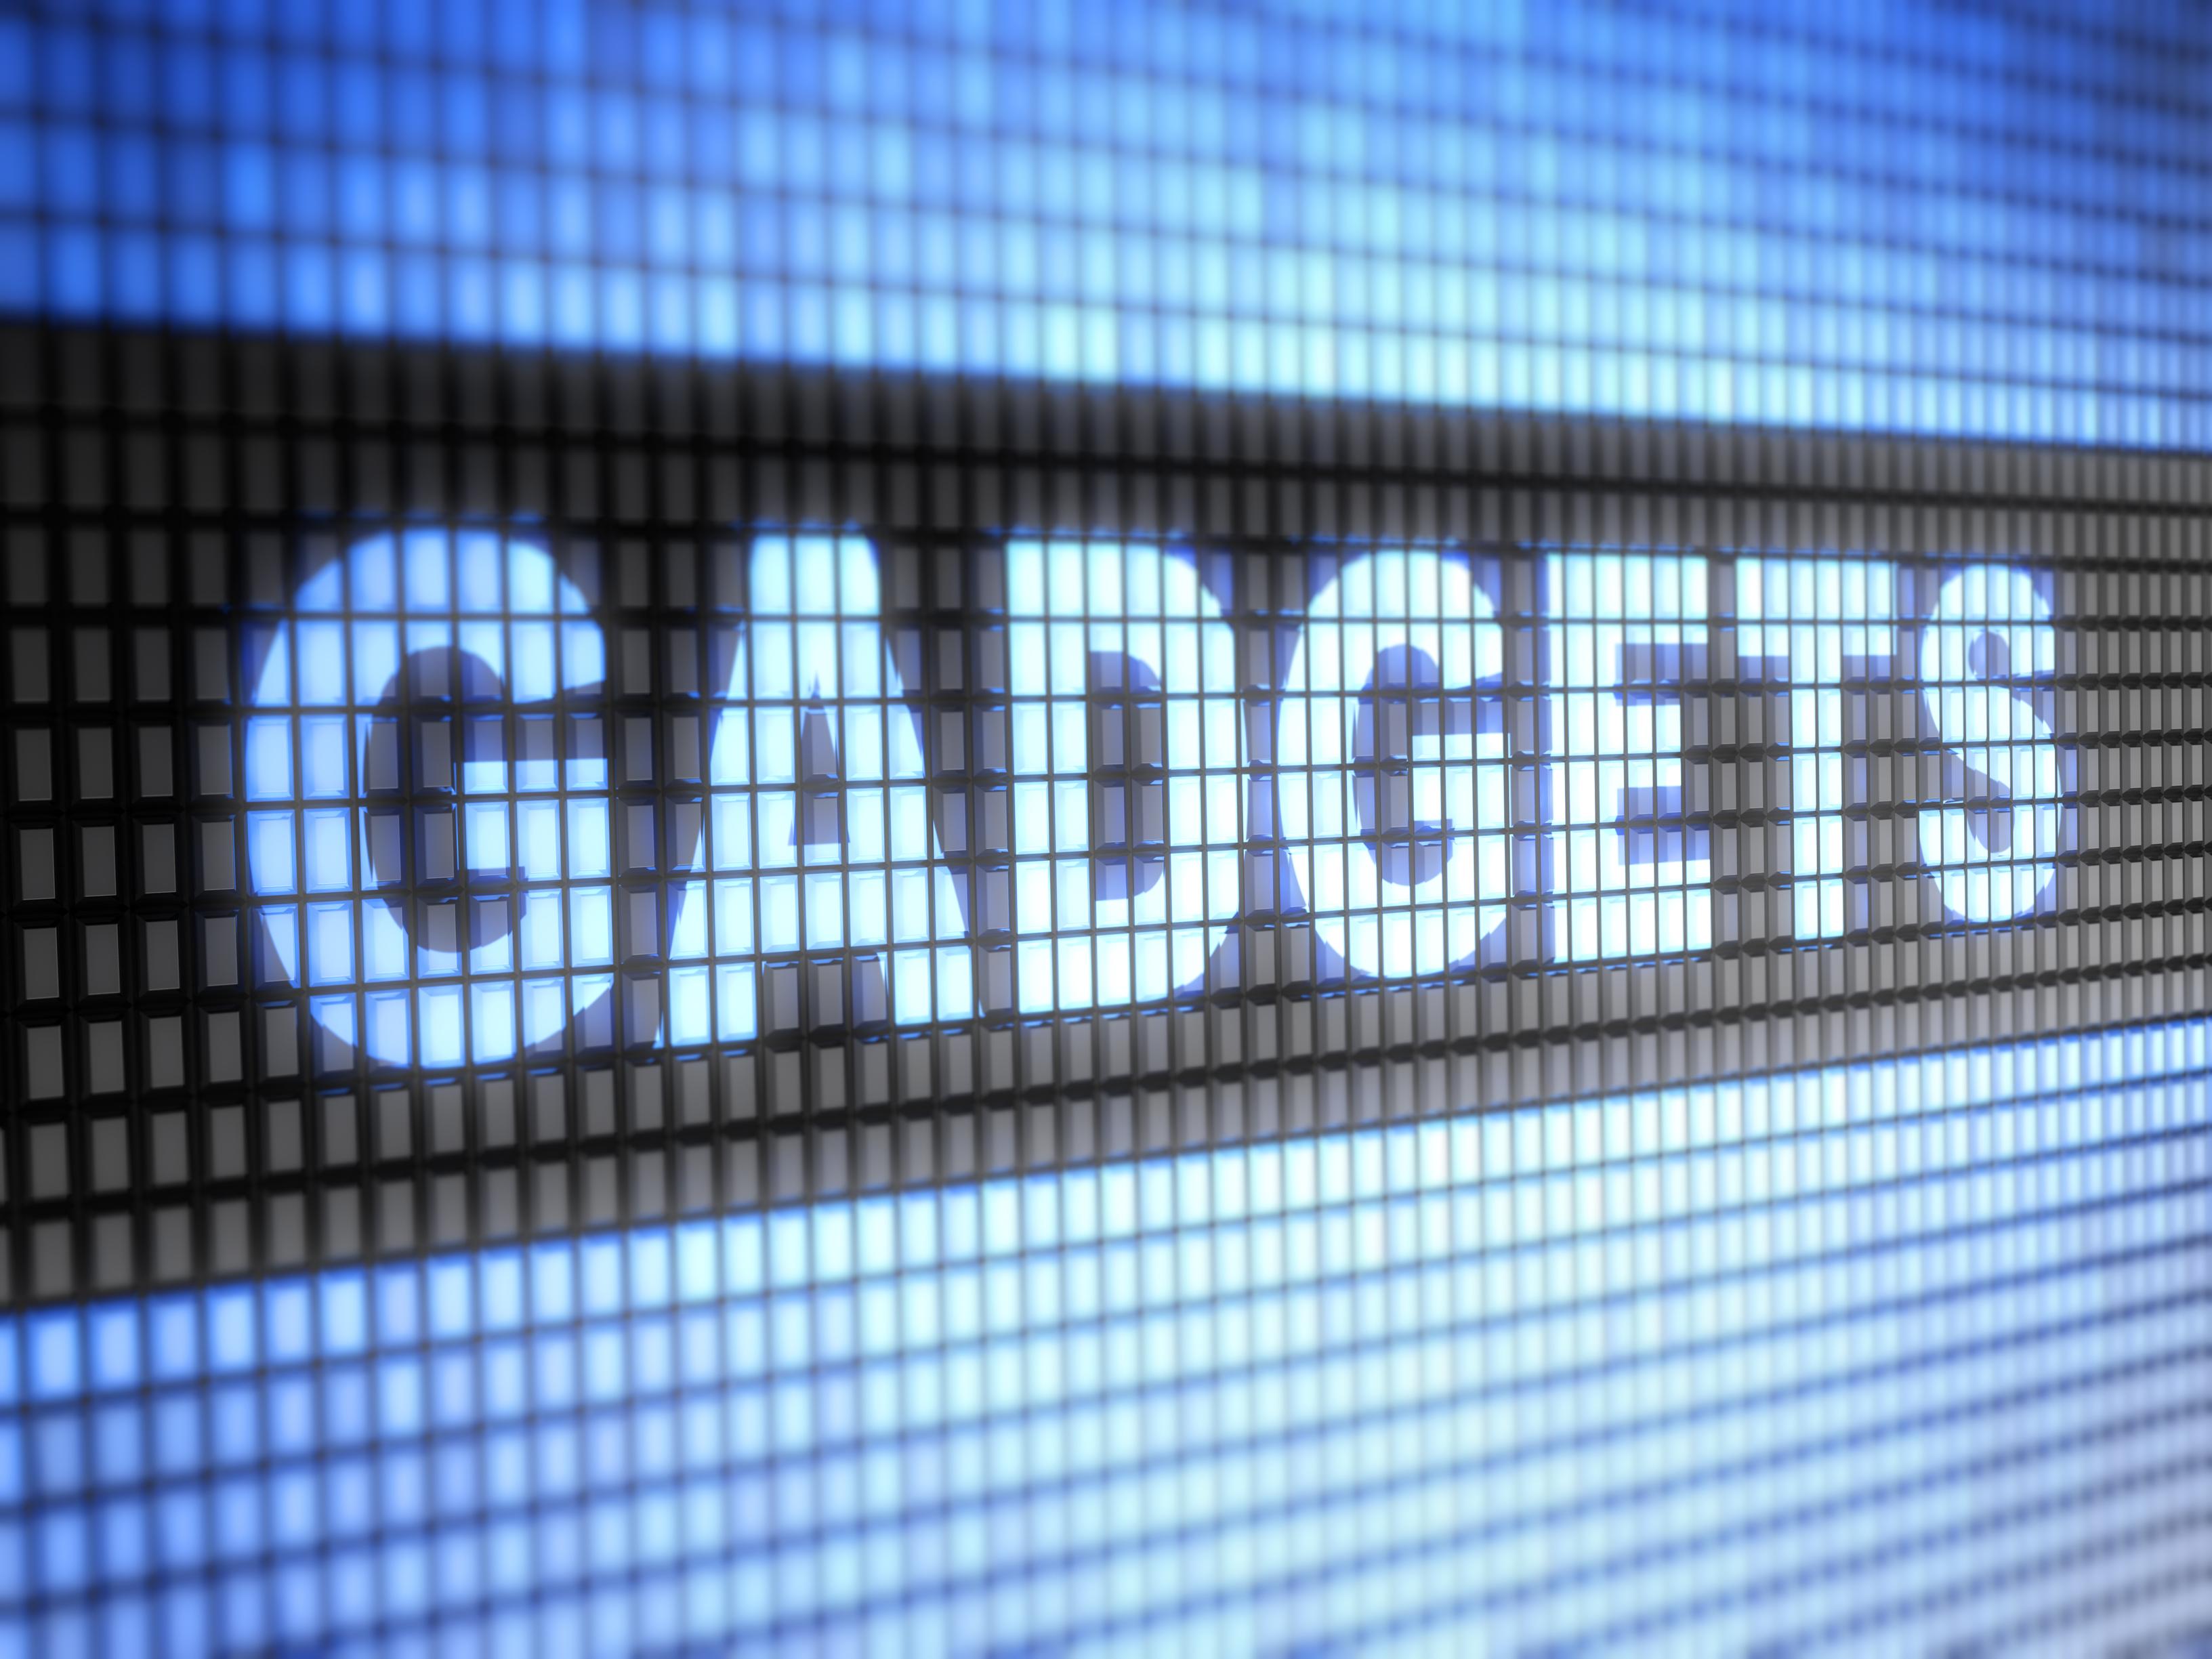 MC gadgets